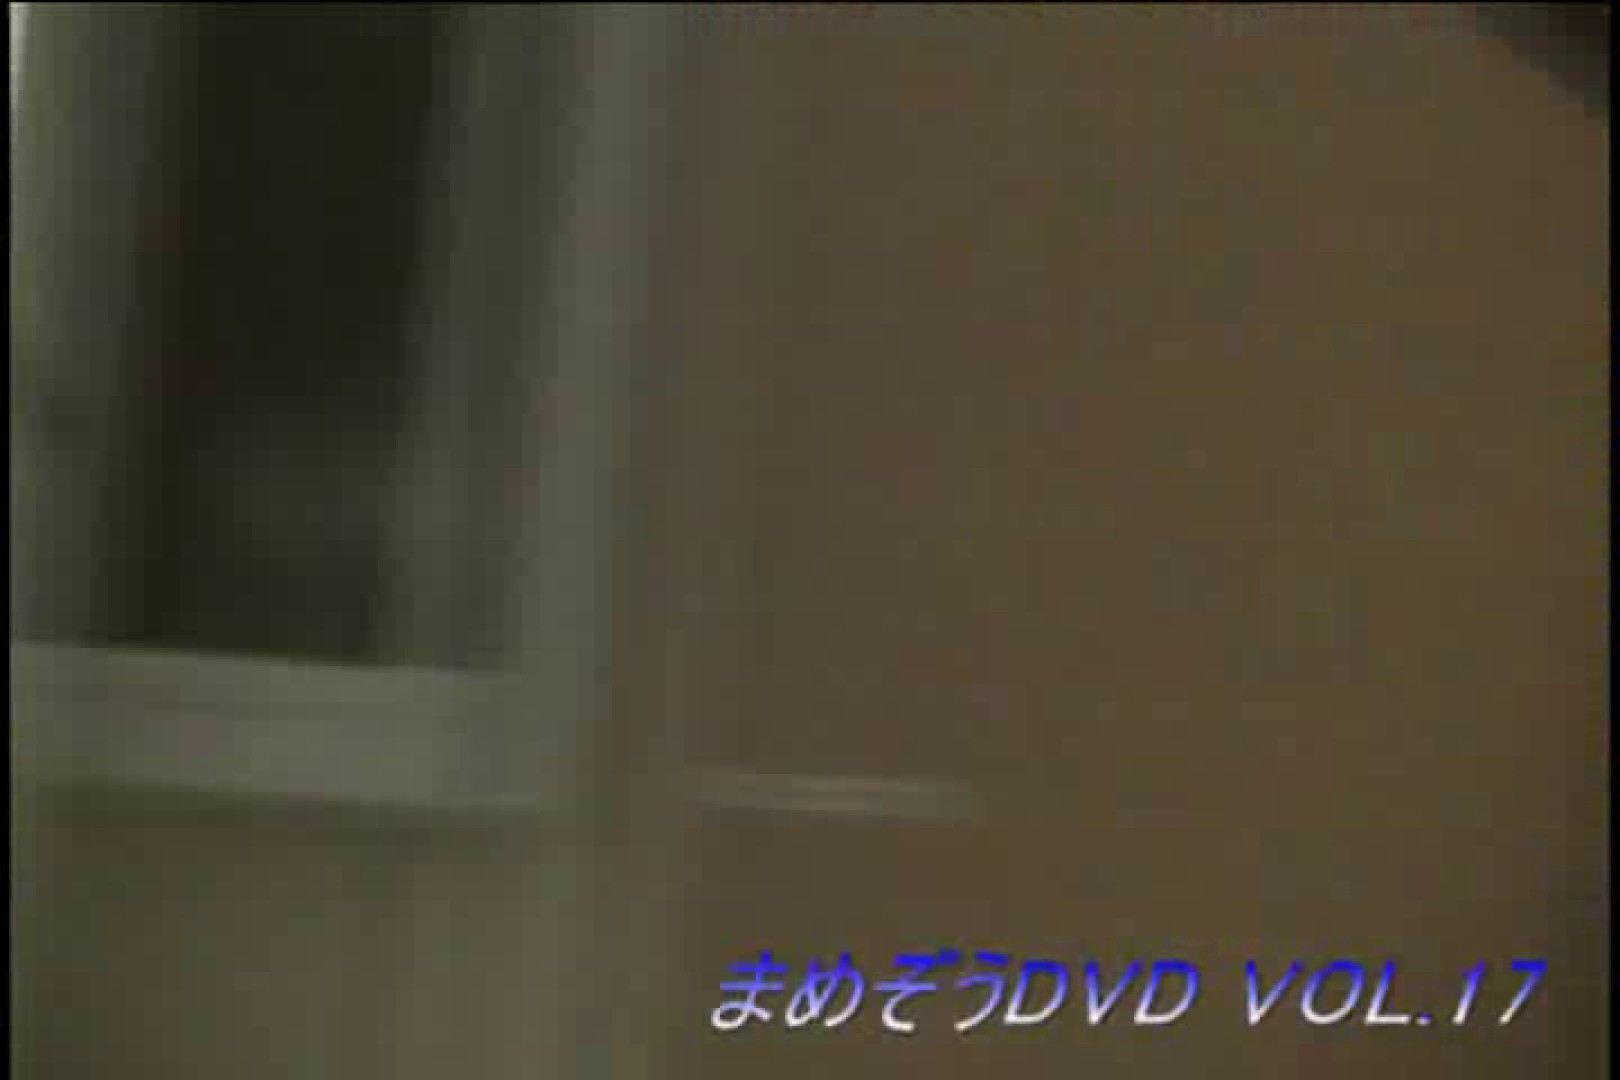 まめぞうDVD完全版VOL.17 洗面所 | ギャル攻め  94画像 3